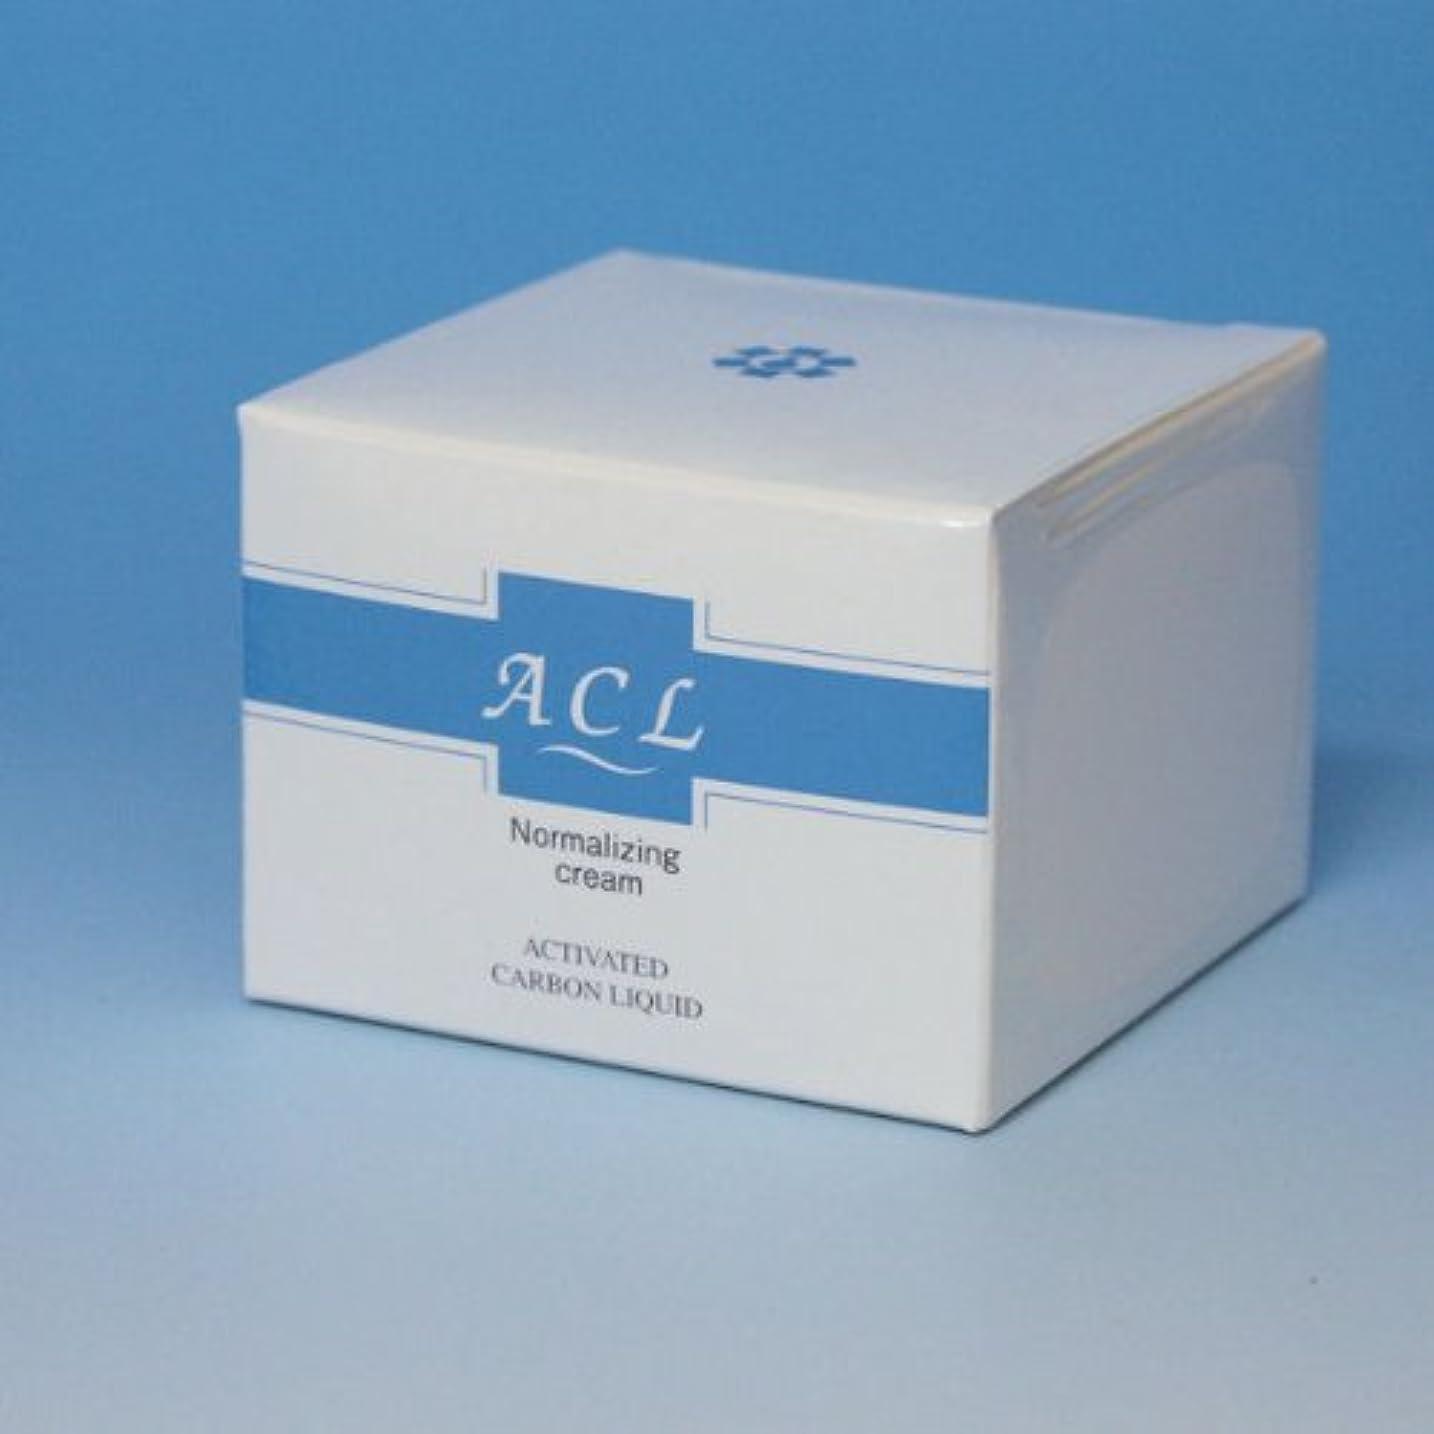 シンボルトロリーバス分散【日邦薬品】ACLノーマライジングクリーム 30g